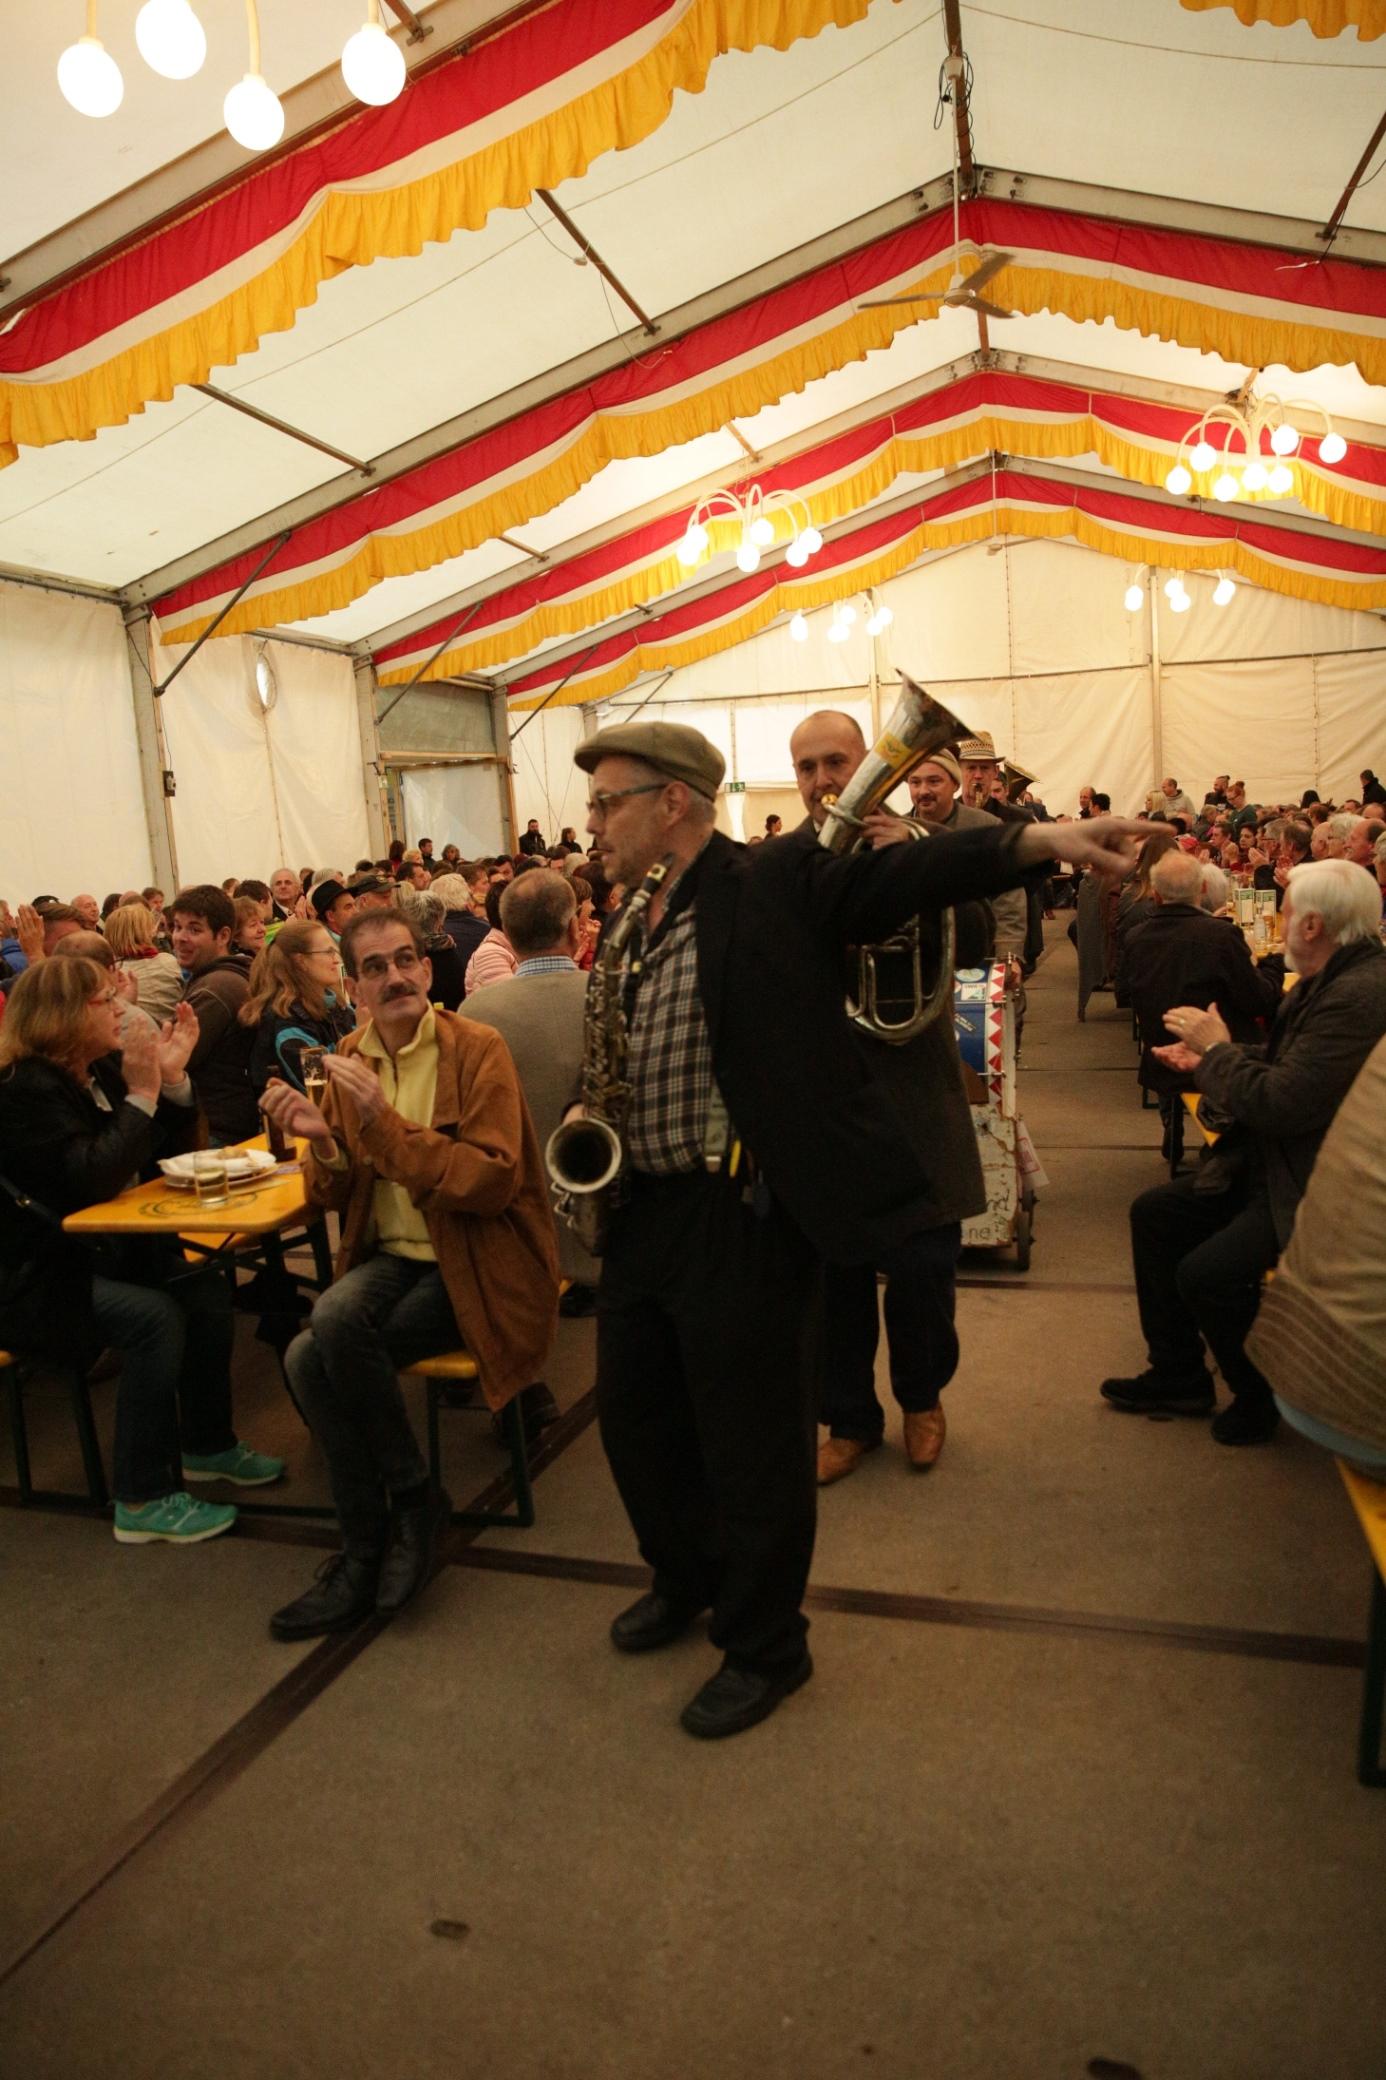 Die Homberle-Bläch-Bänd aus Steinach marschierte ins volle Festzelt ein und sorgte für Spaß und gute Laune.